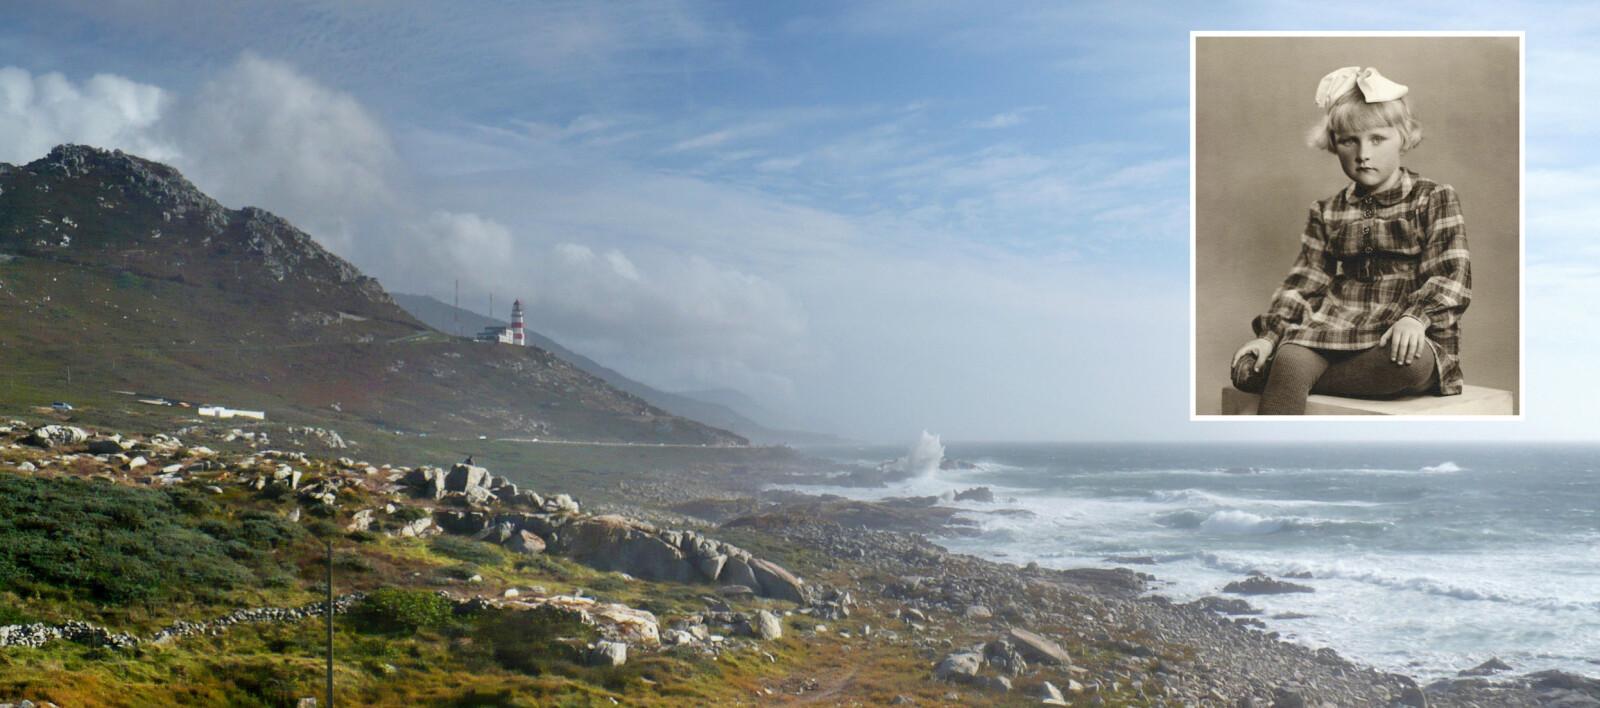 <b>SKJEBNEHAVET:</b> Her, ved de værbitte knausene på Cabo Silleiro utenfor Vigo, gikk «Thalassa» på grunn i et voldsomt uvær nyttårsaften 1948. En teori er at mannskapet ble lurt av lysene på det nye fyret, som sees på bildet, dersom de brukte kart som ikke var oppdaterte. Det gamle fyret lå lenger ned mot sjøen. <b>INNFELT:</b> Arnhild Karlsen kikker ettertenksomt mot fotografen hjemme i Norge en tid før reisen mot Galapagos.